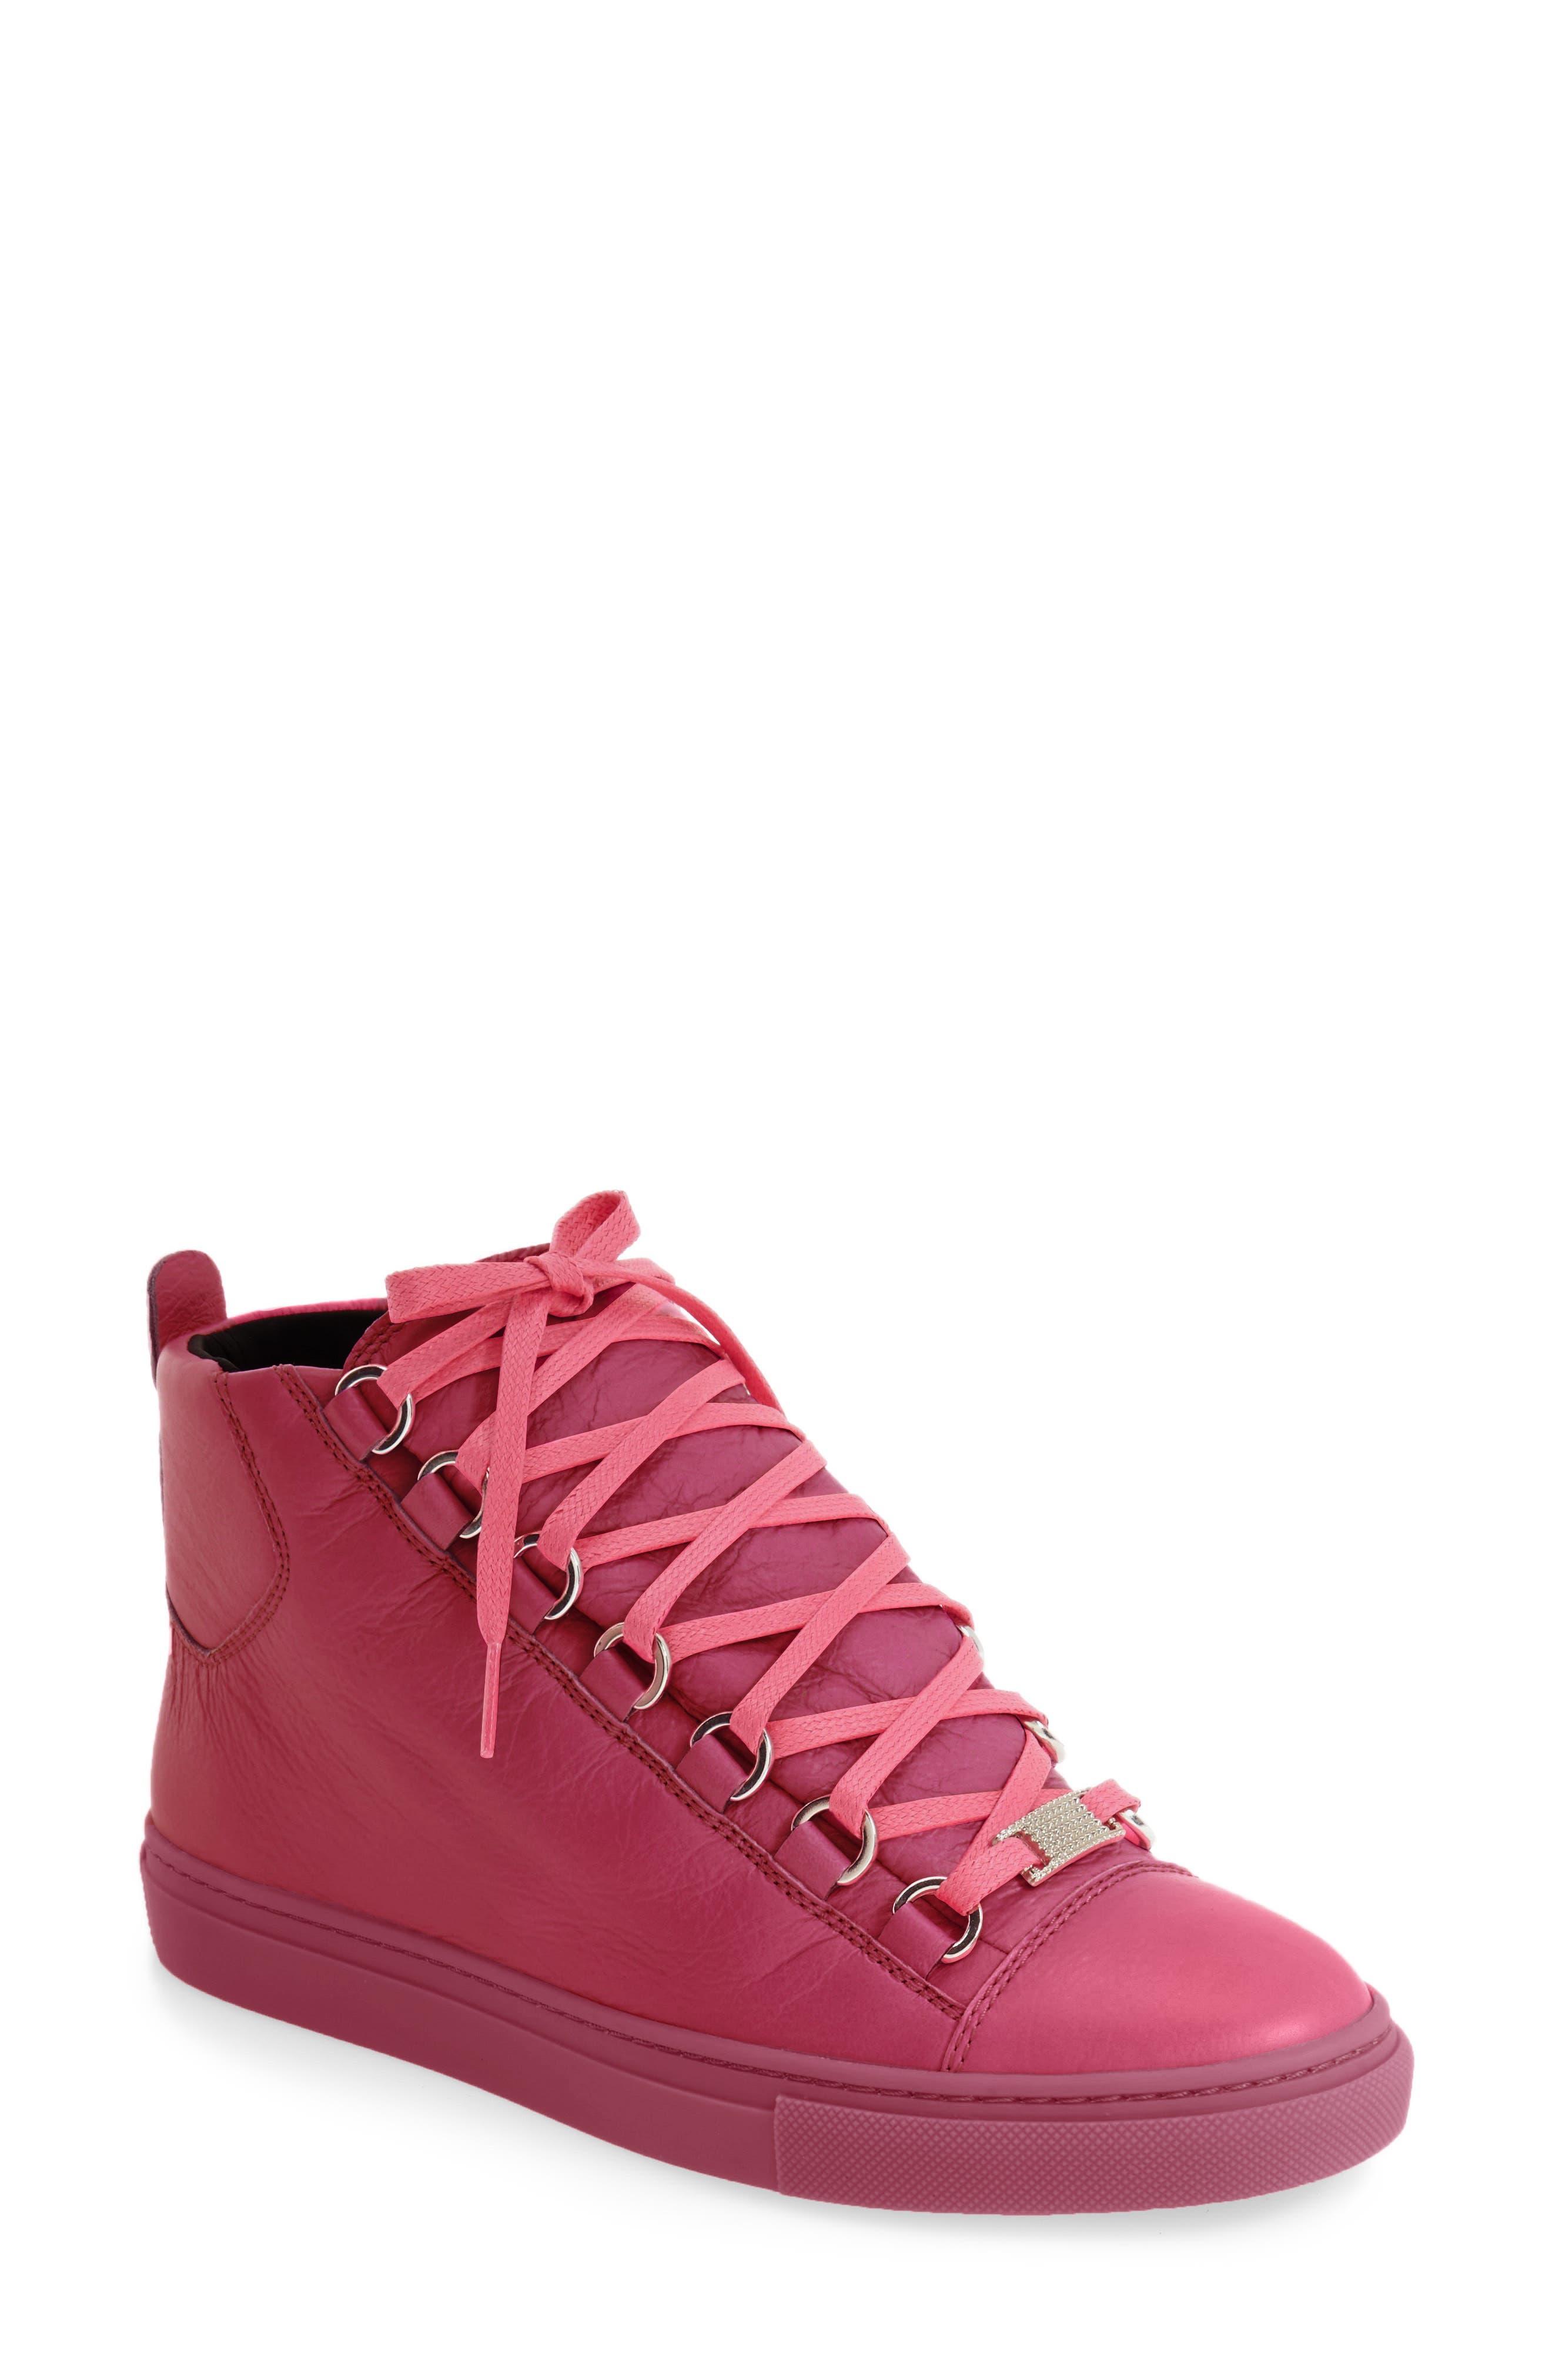 Alternate Image 1 Selected - Balenciaga High Top Sneaker (Women)